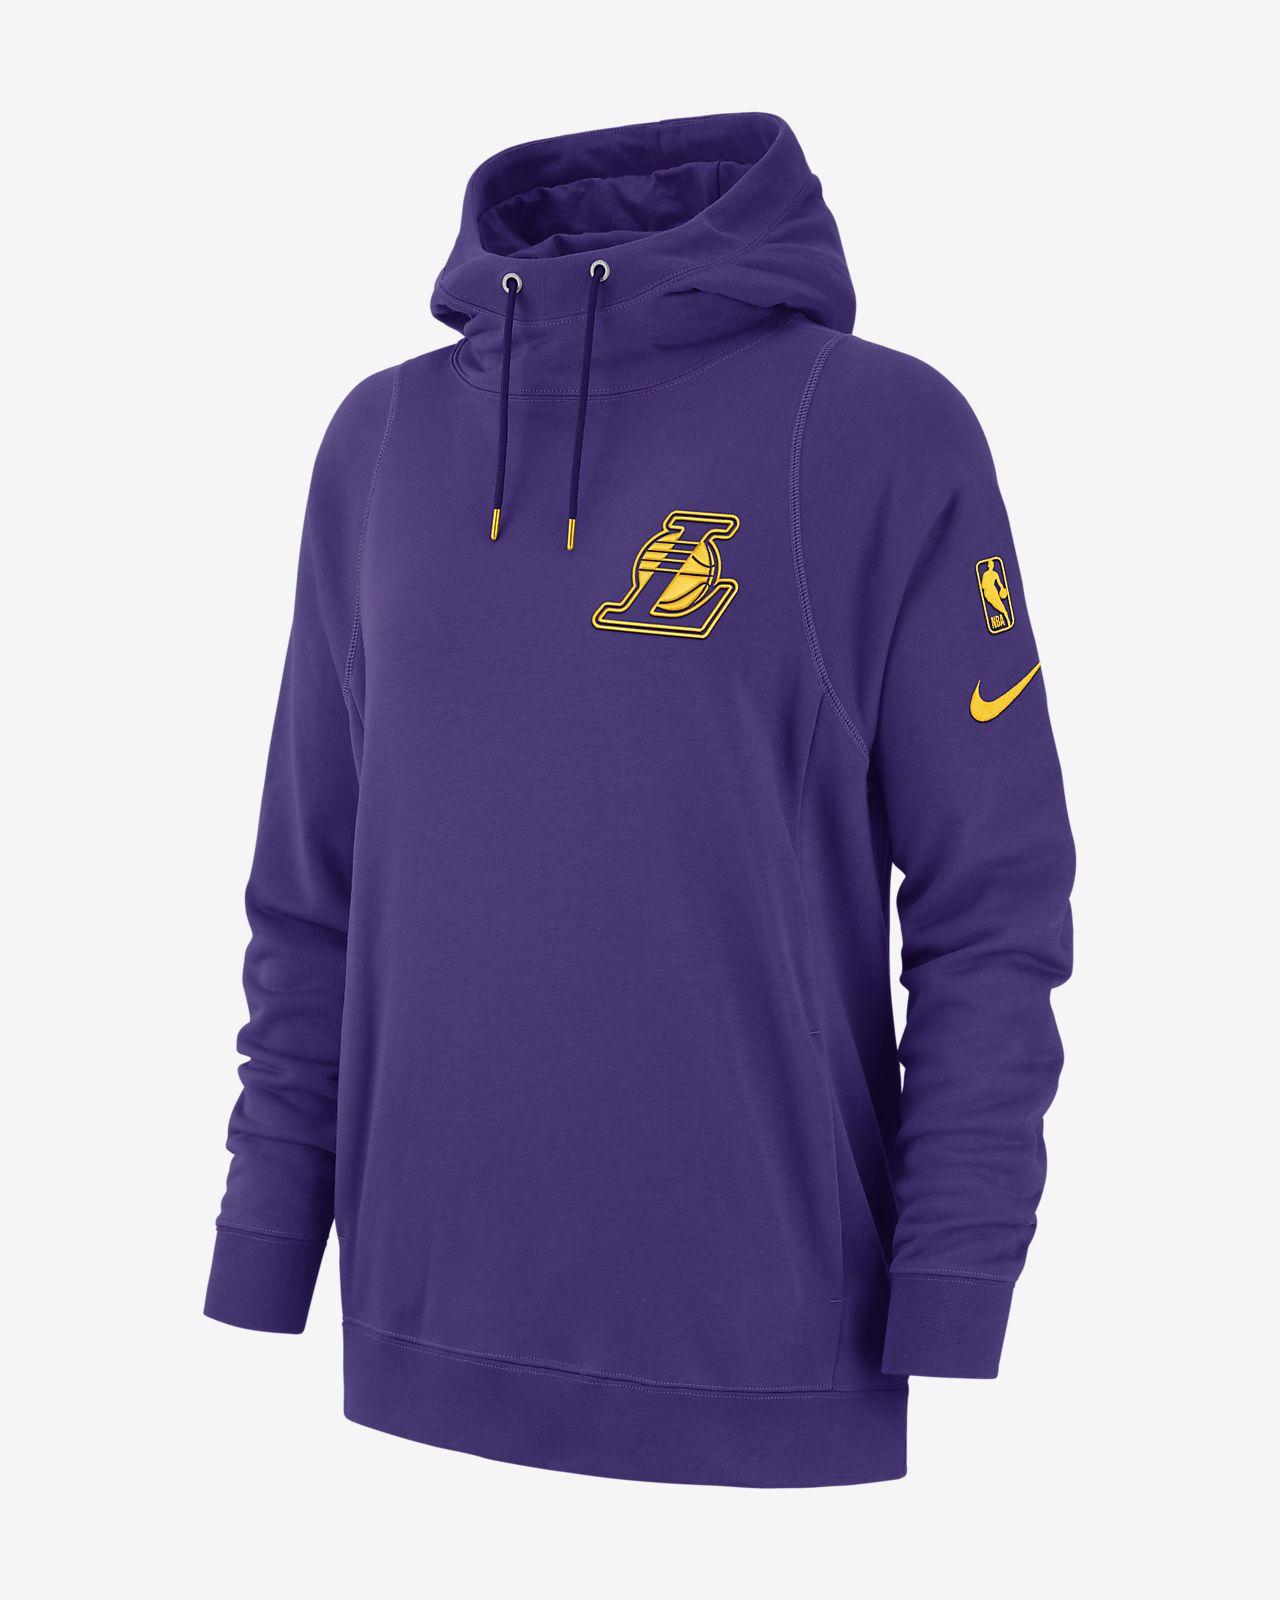 huge discount d3e75 c4b55 ... Los Angeles Lakers Nike Women s NBA Hoodie